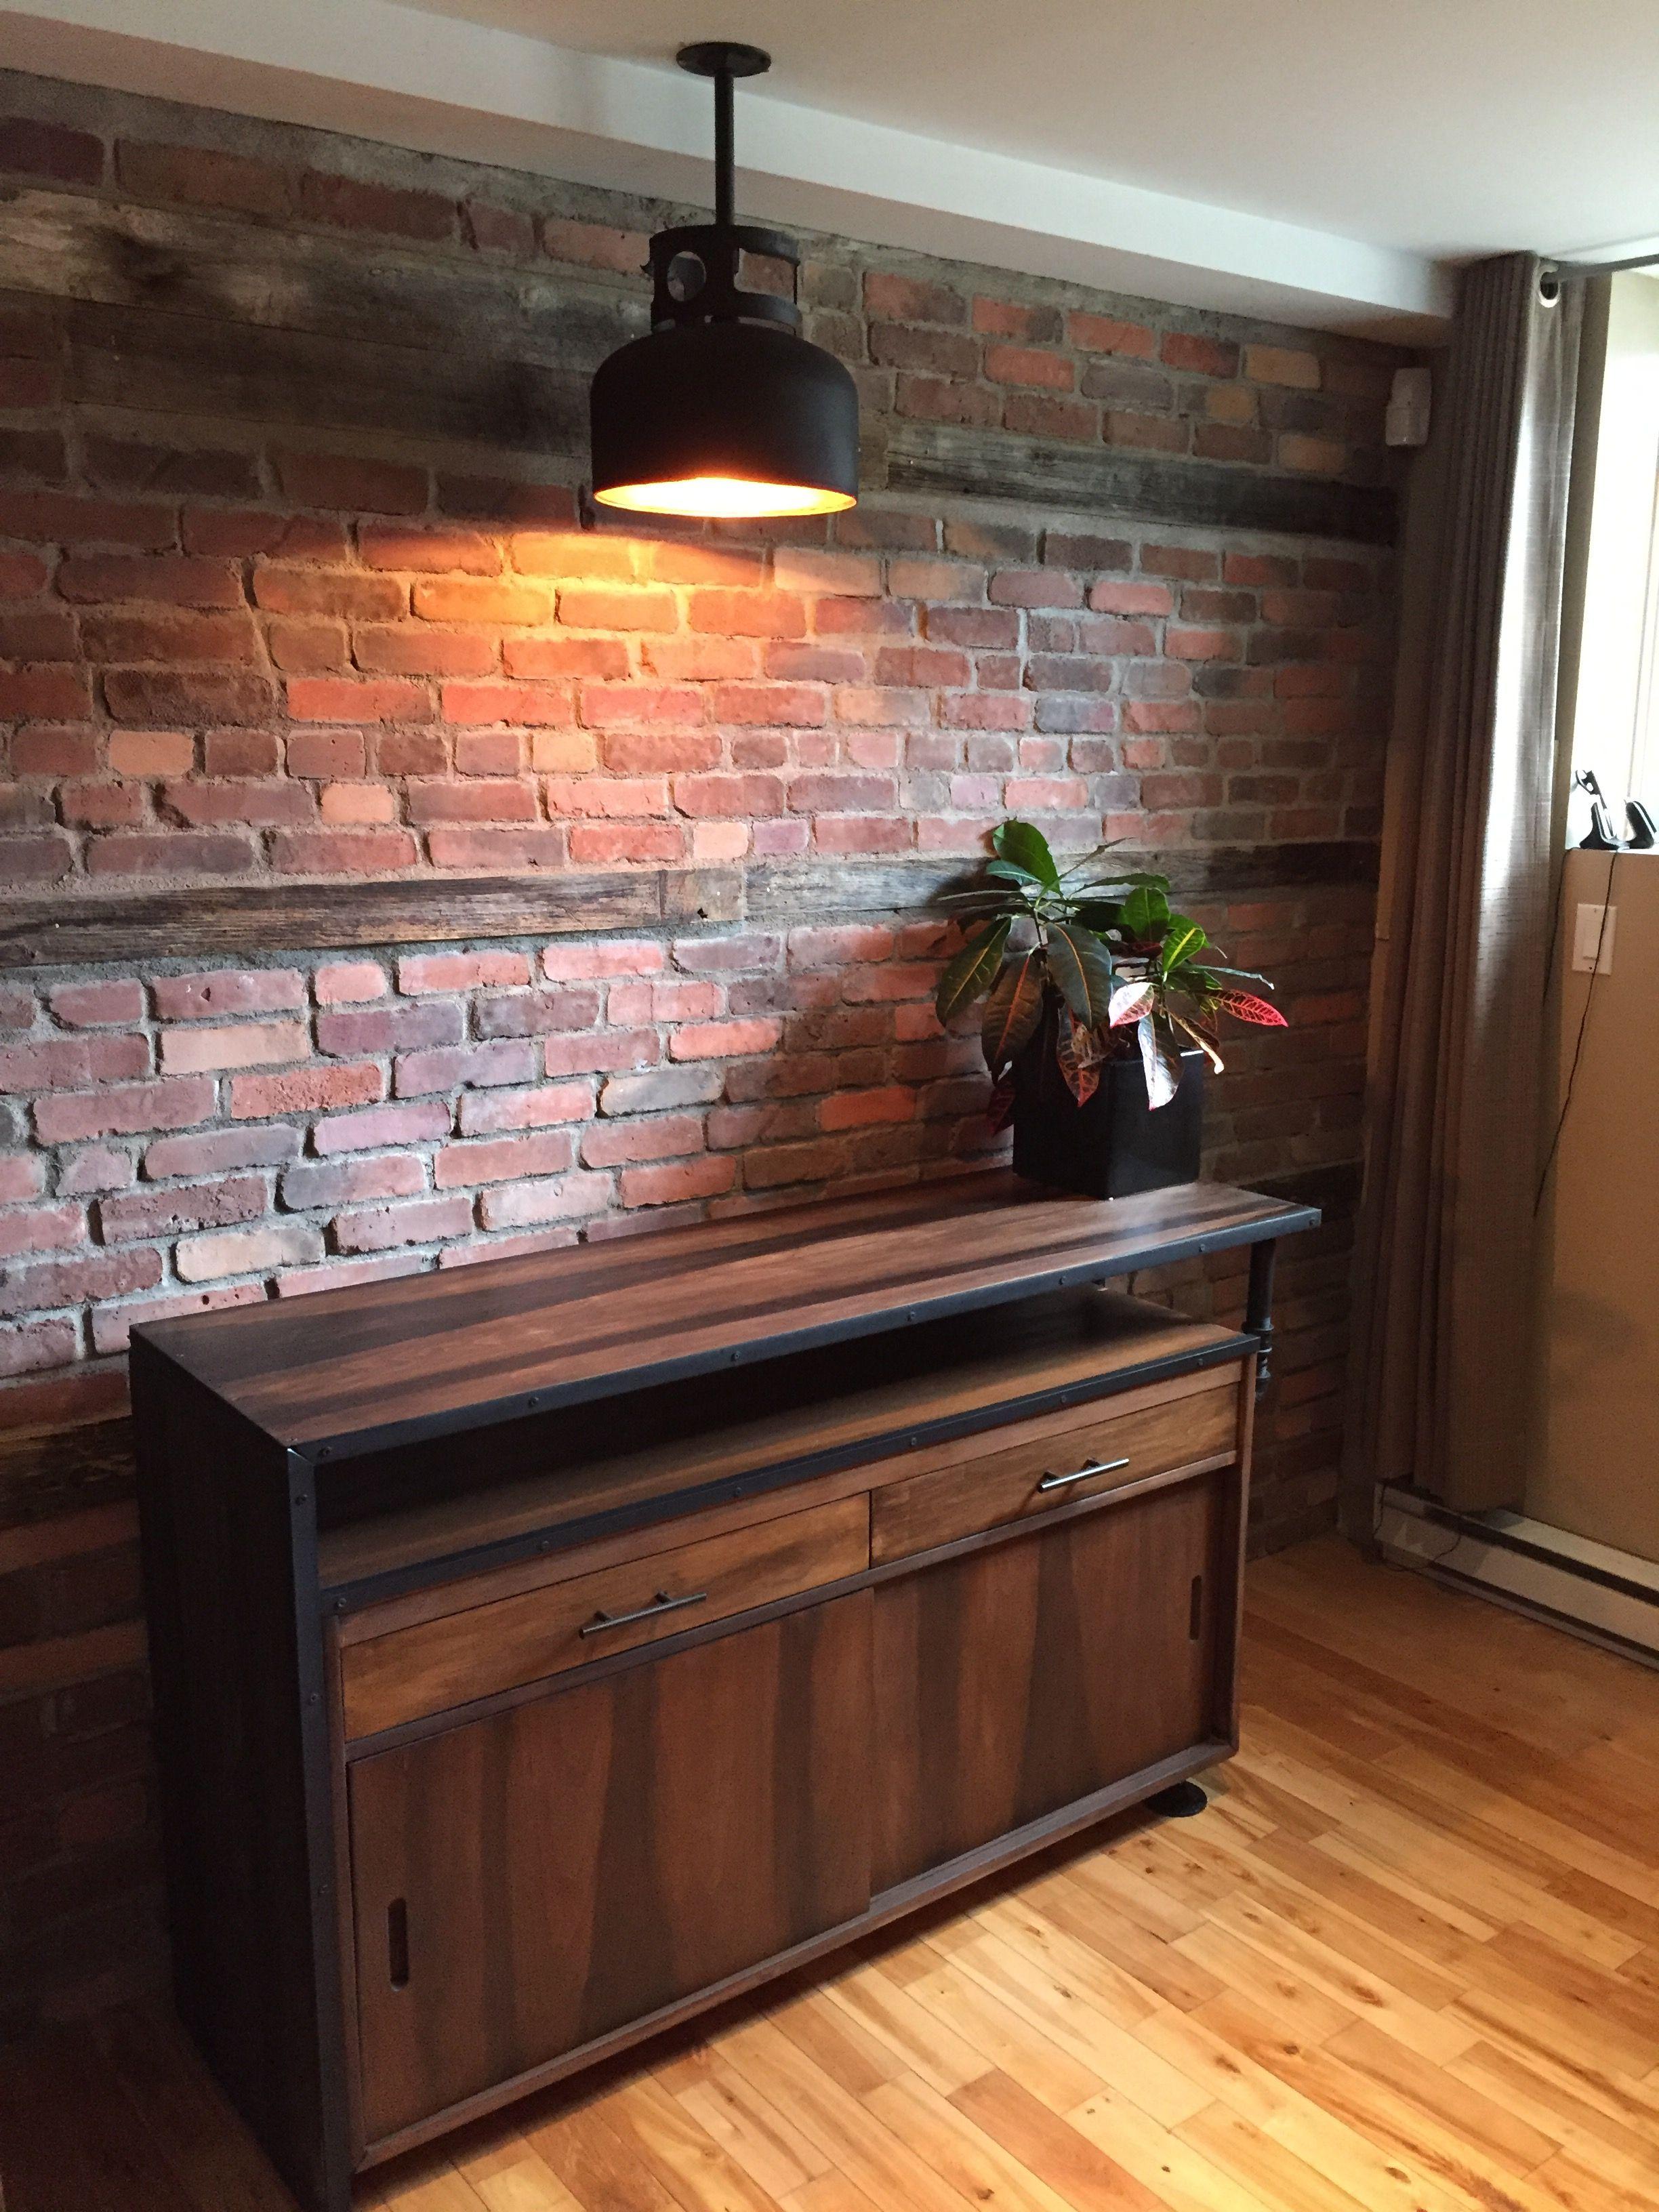 commode industrielle meubles unik pinterest commode industrielle commodes et industriel. Black Bedroom Furniture Sets. Home Design Ideas